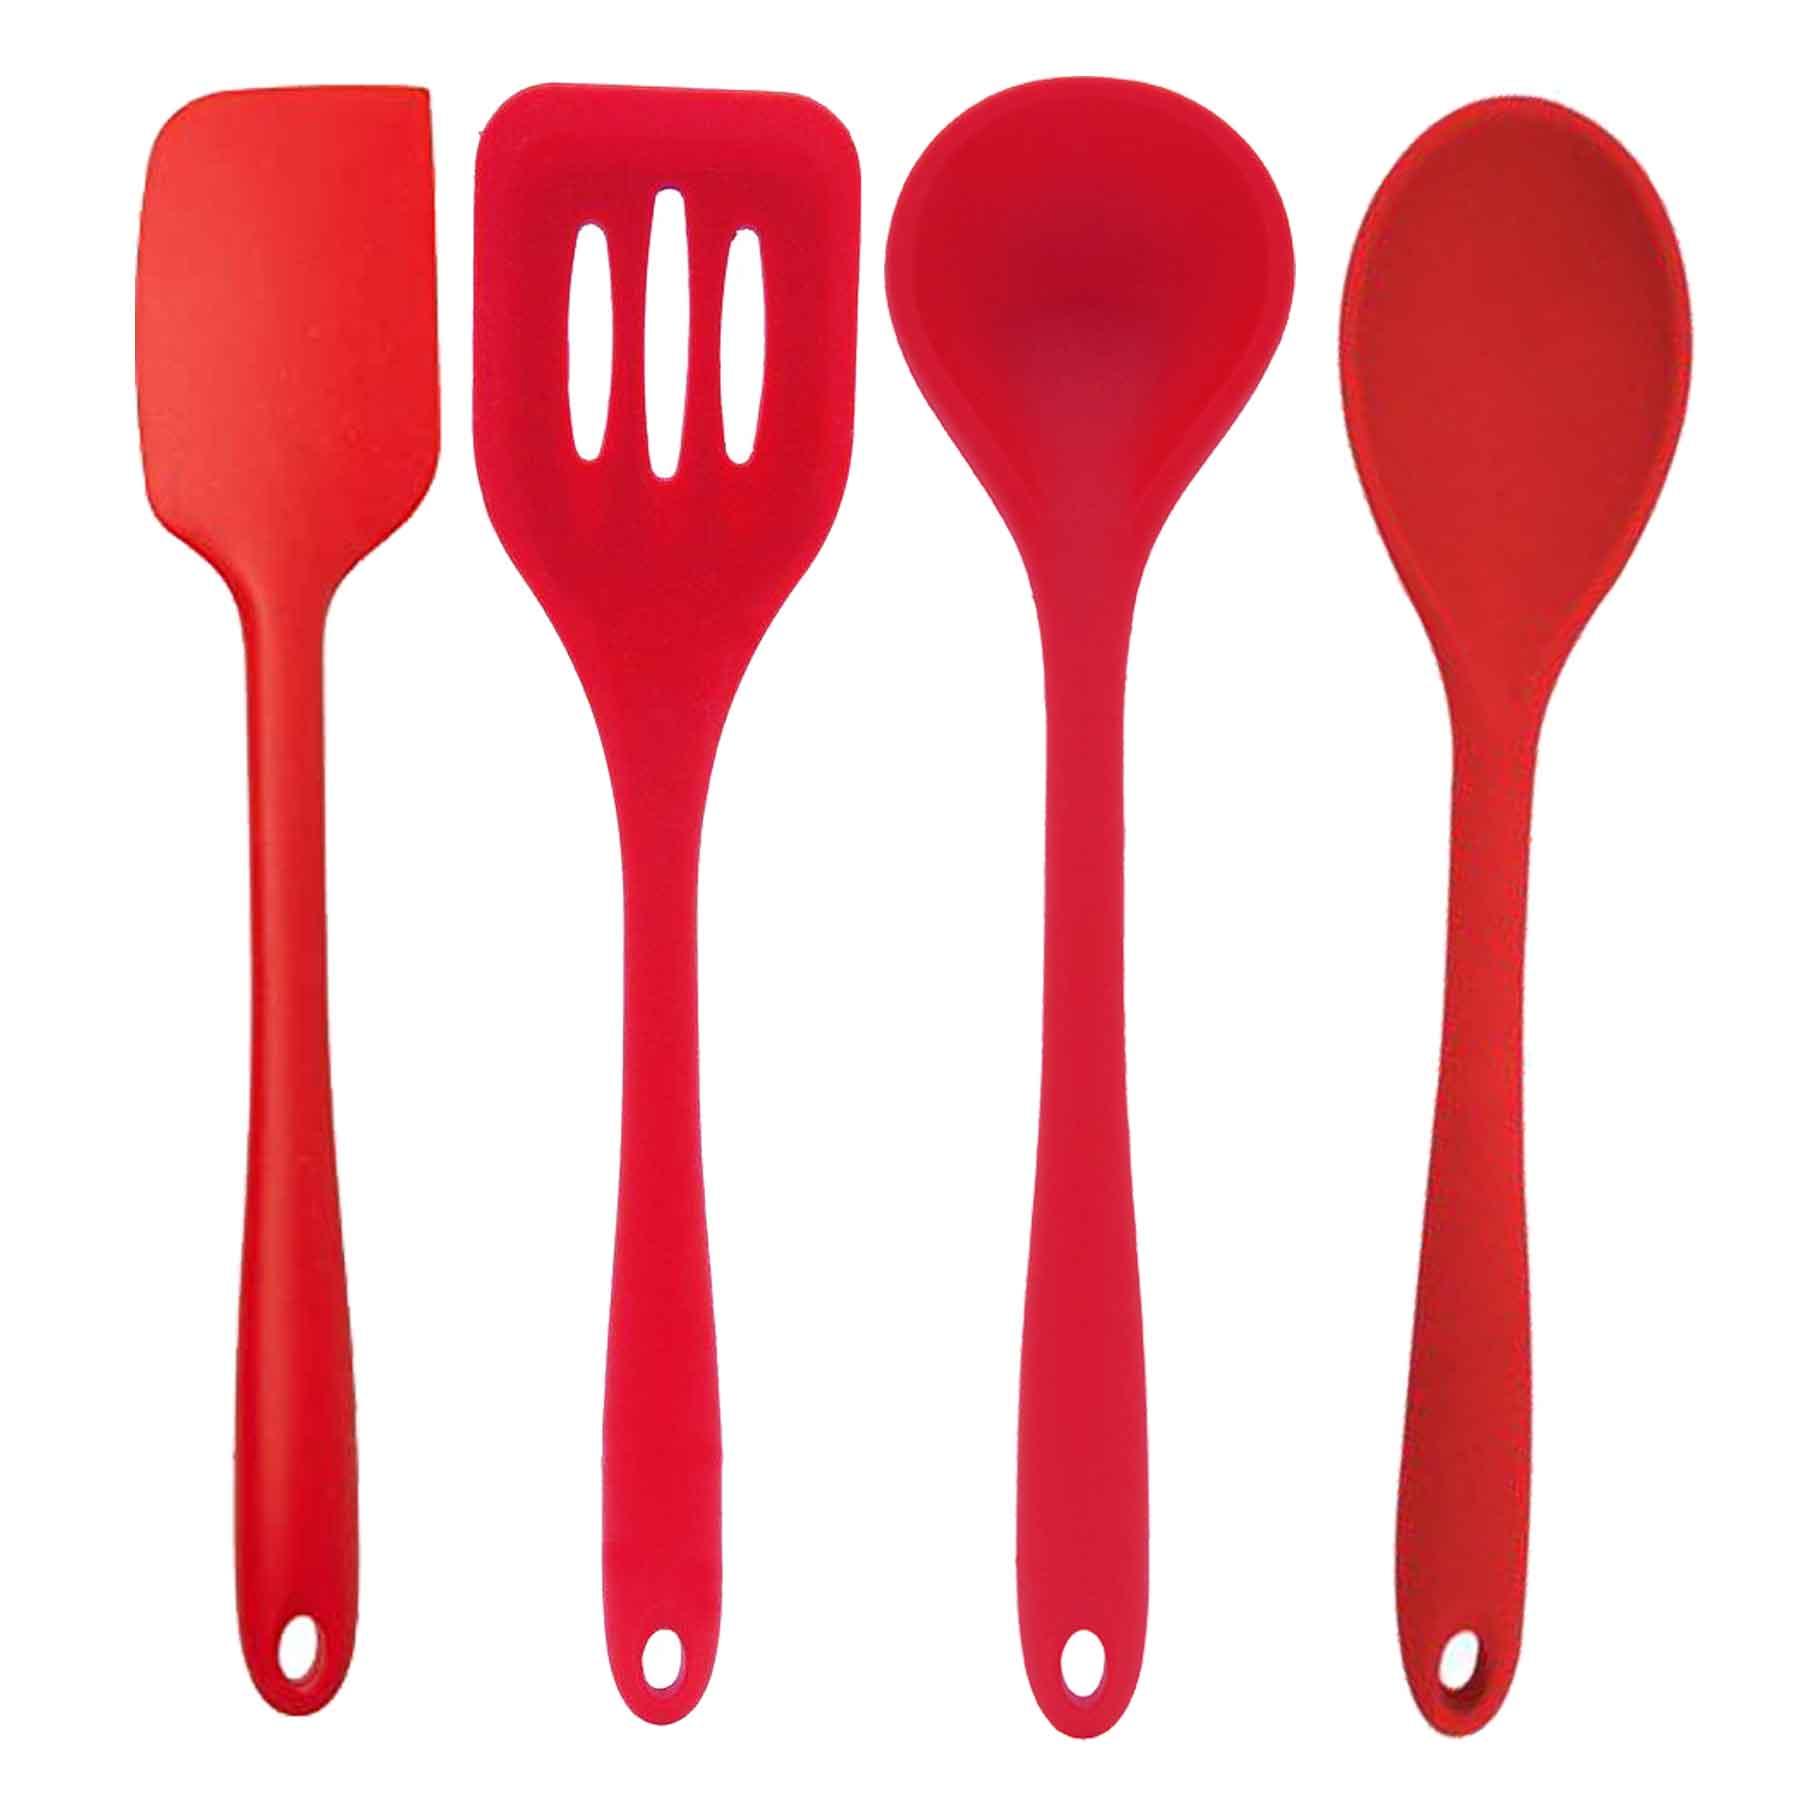 Kit de Utensílios de Silicone 4 Peças Vermelho Mimo 28cm